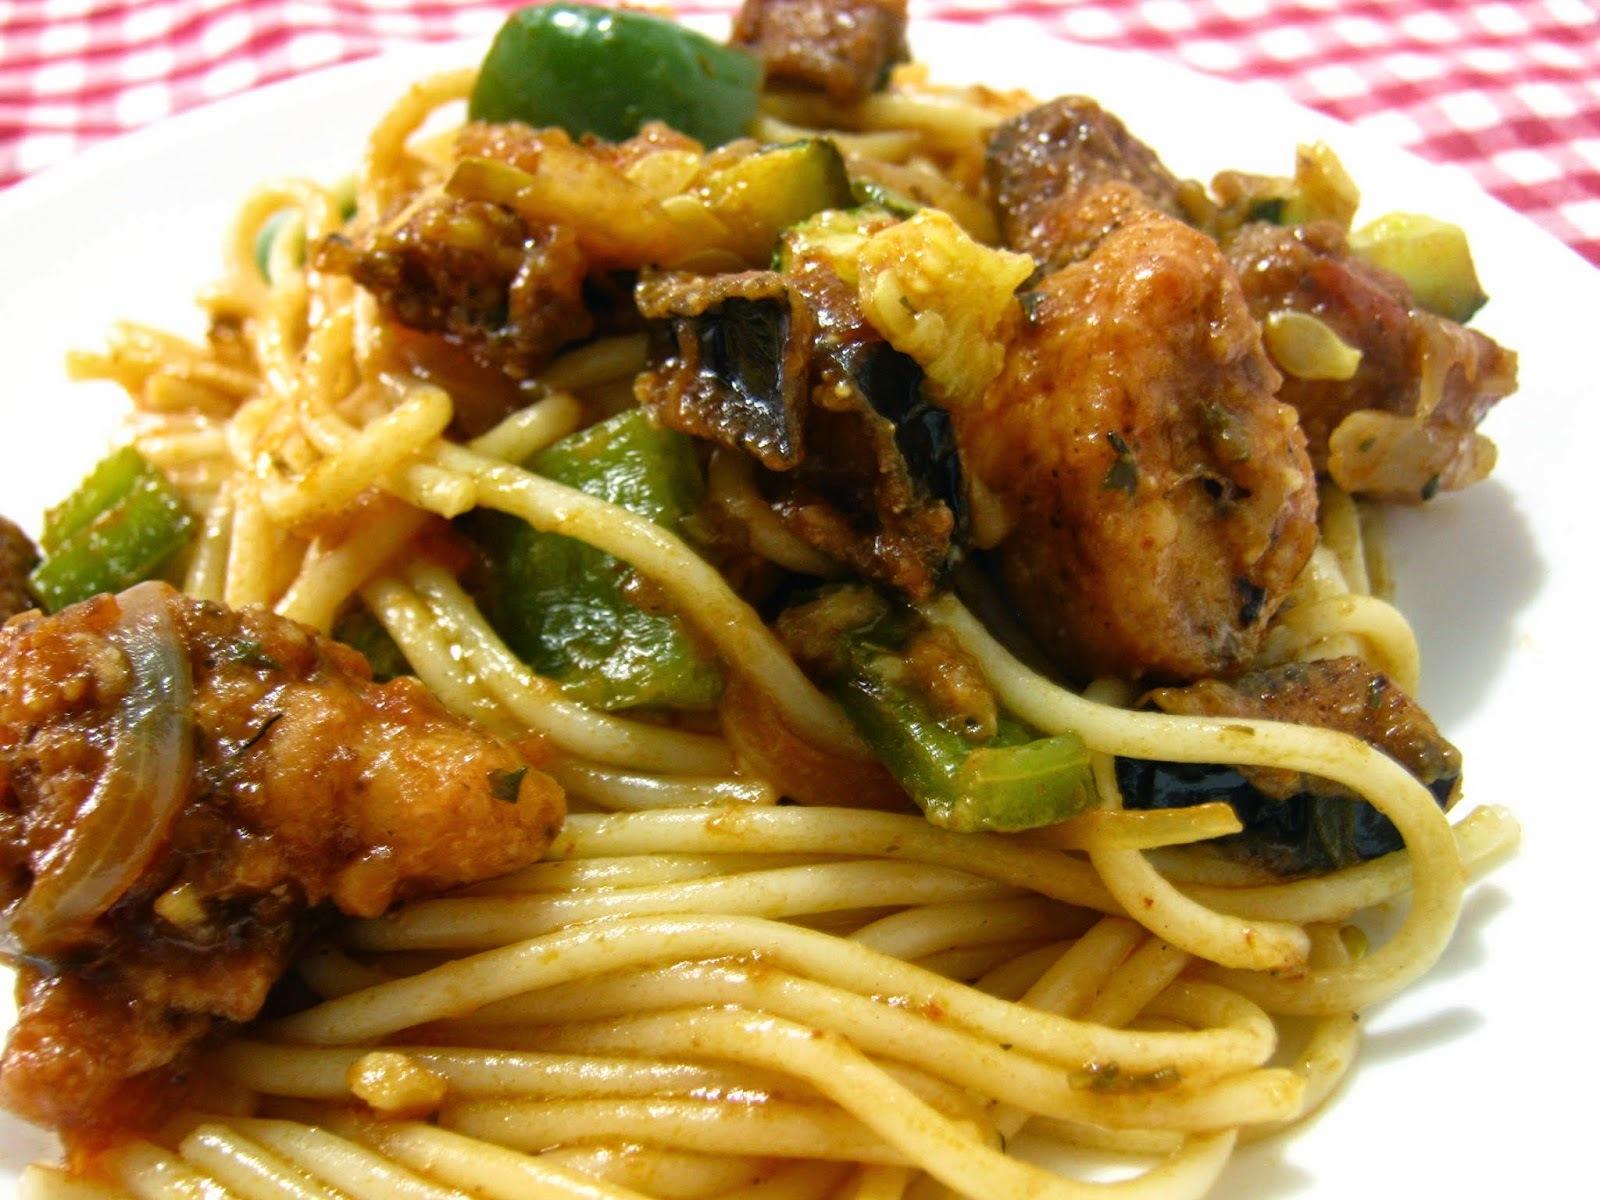 Spaghetti com berinjela, abobrinha italiana, pimentão e frango